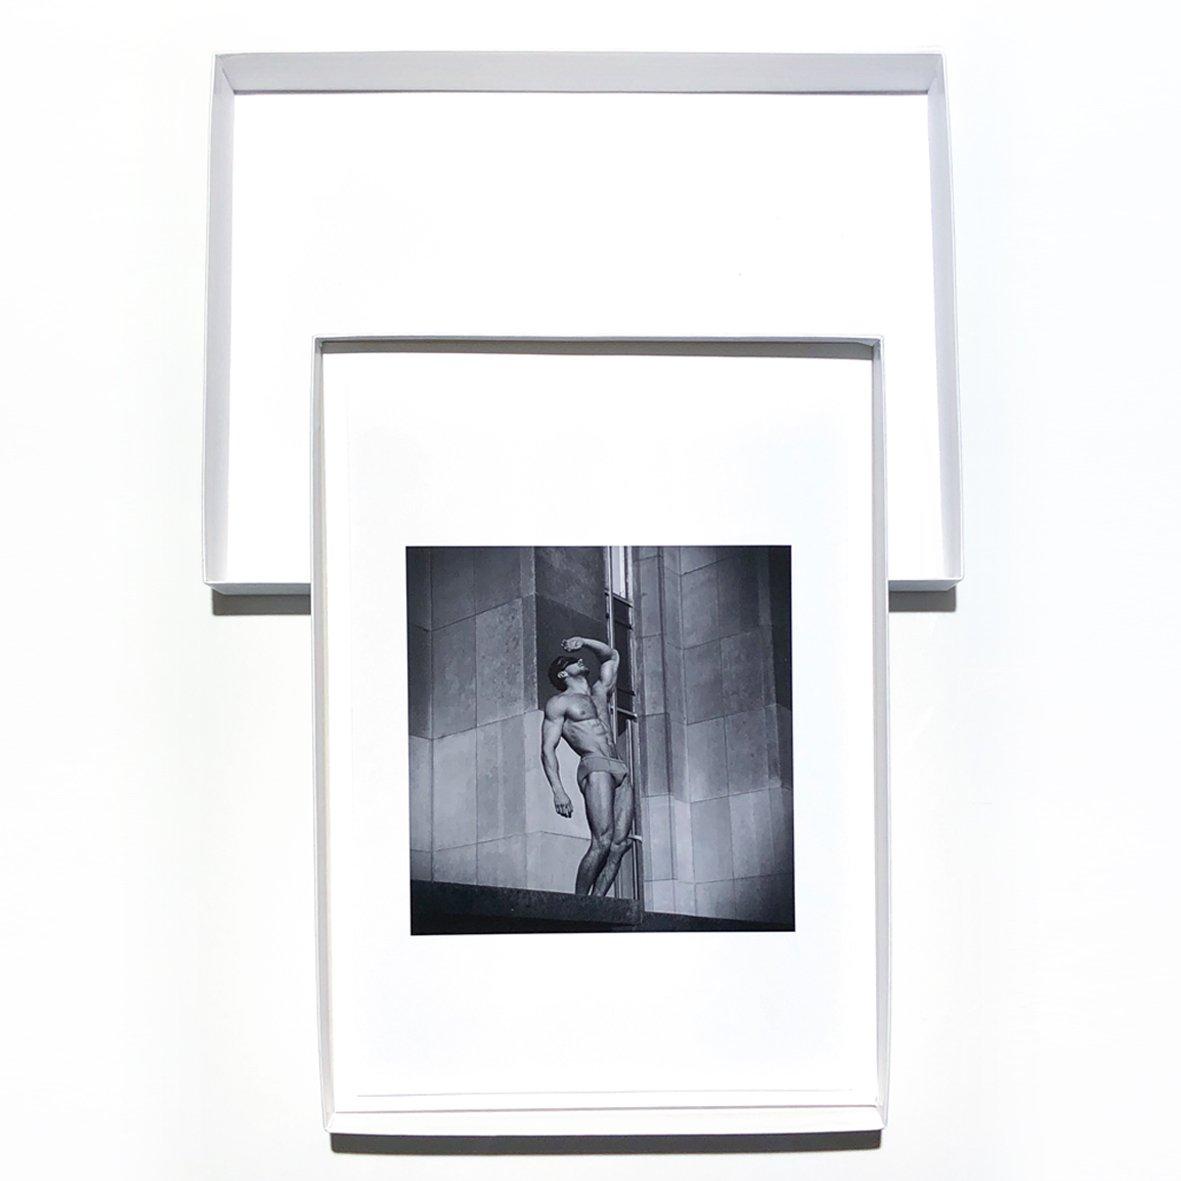 Image of VERY WHITE BOX